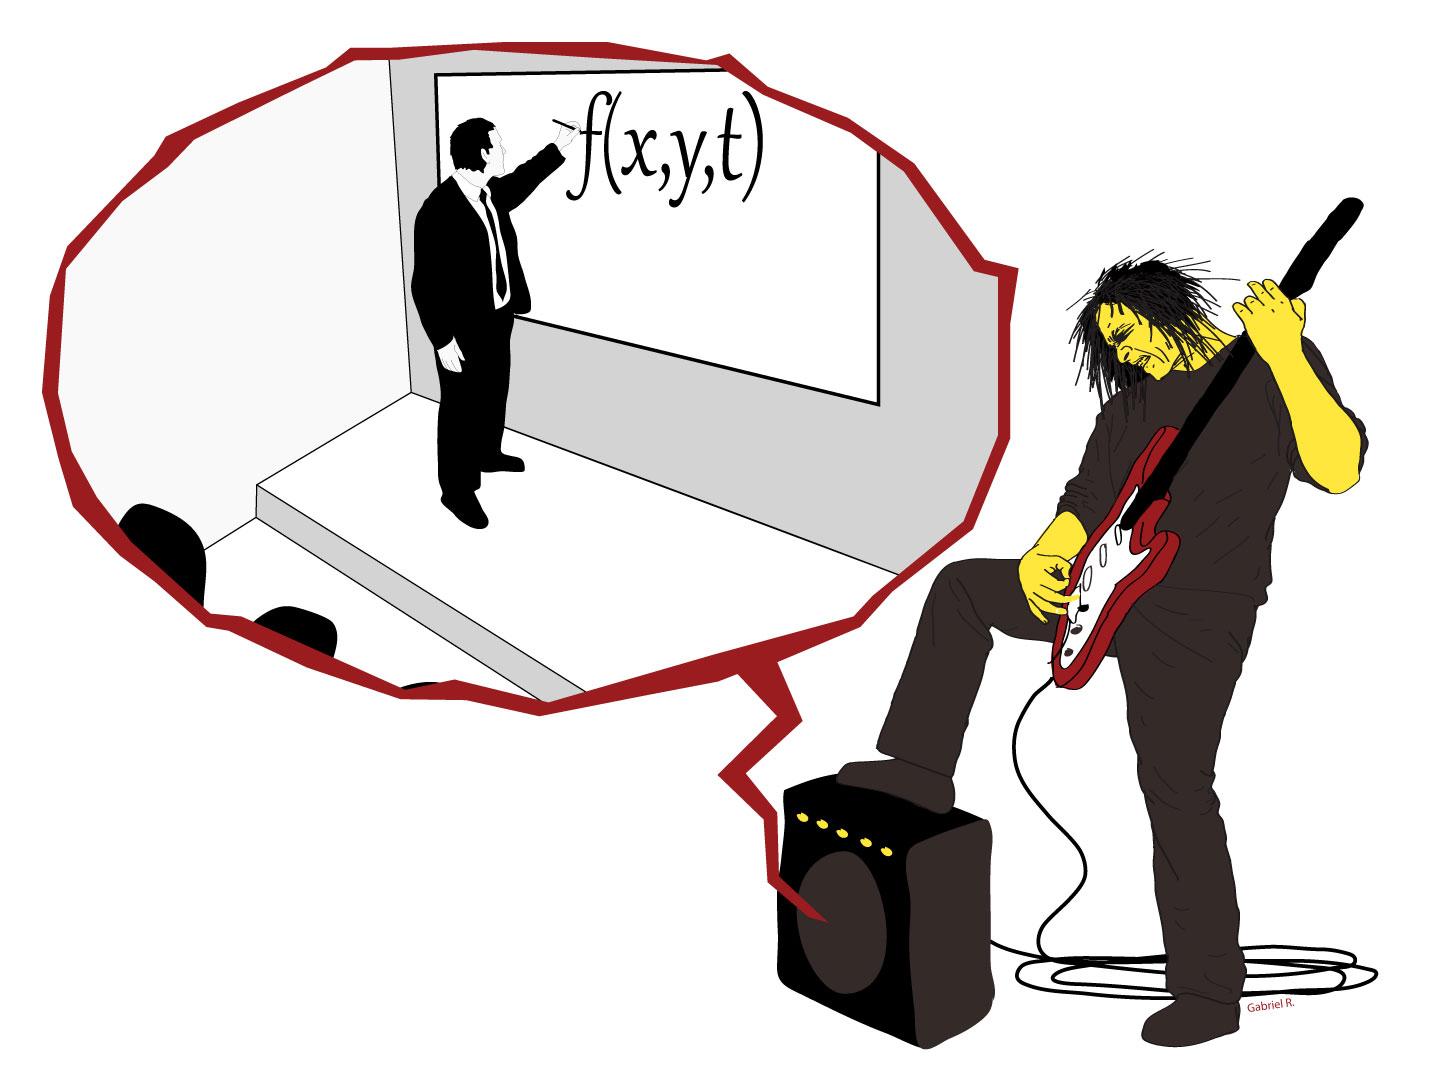 Física cuántica y música: ¿Dos caras de una misma moneda?